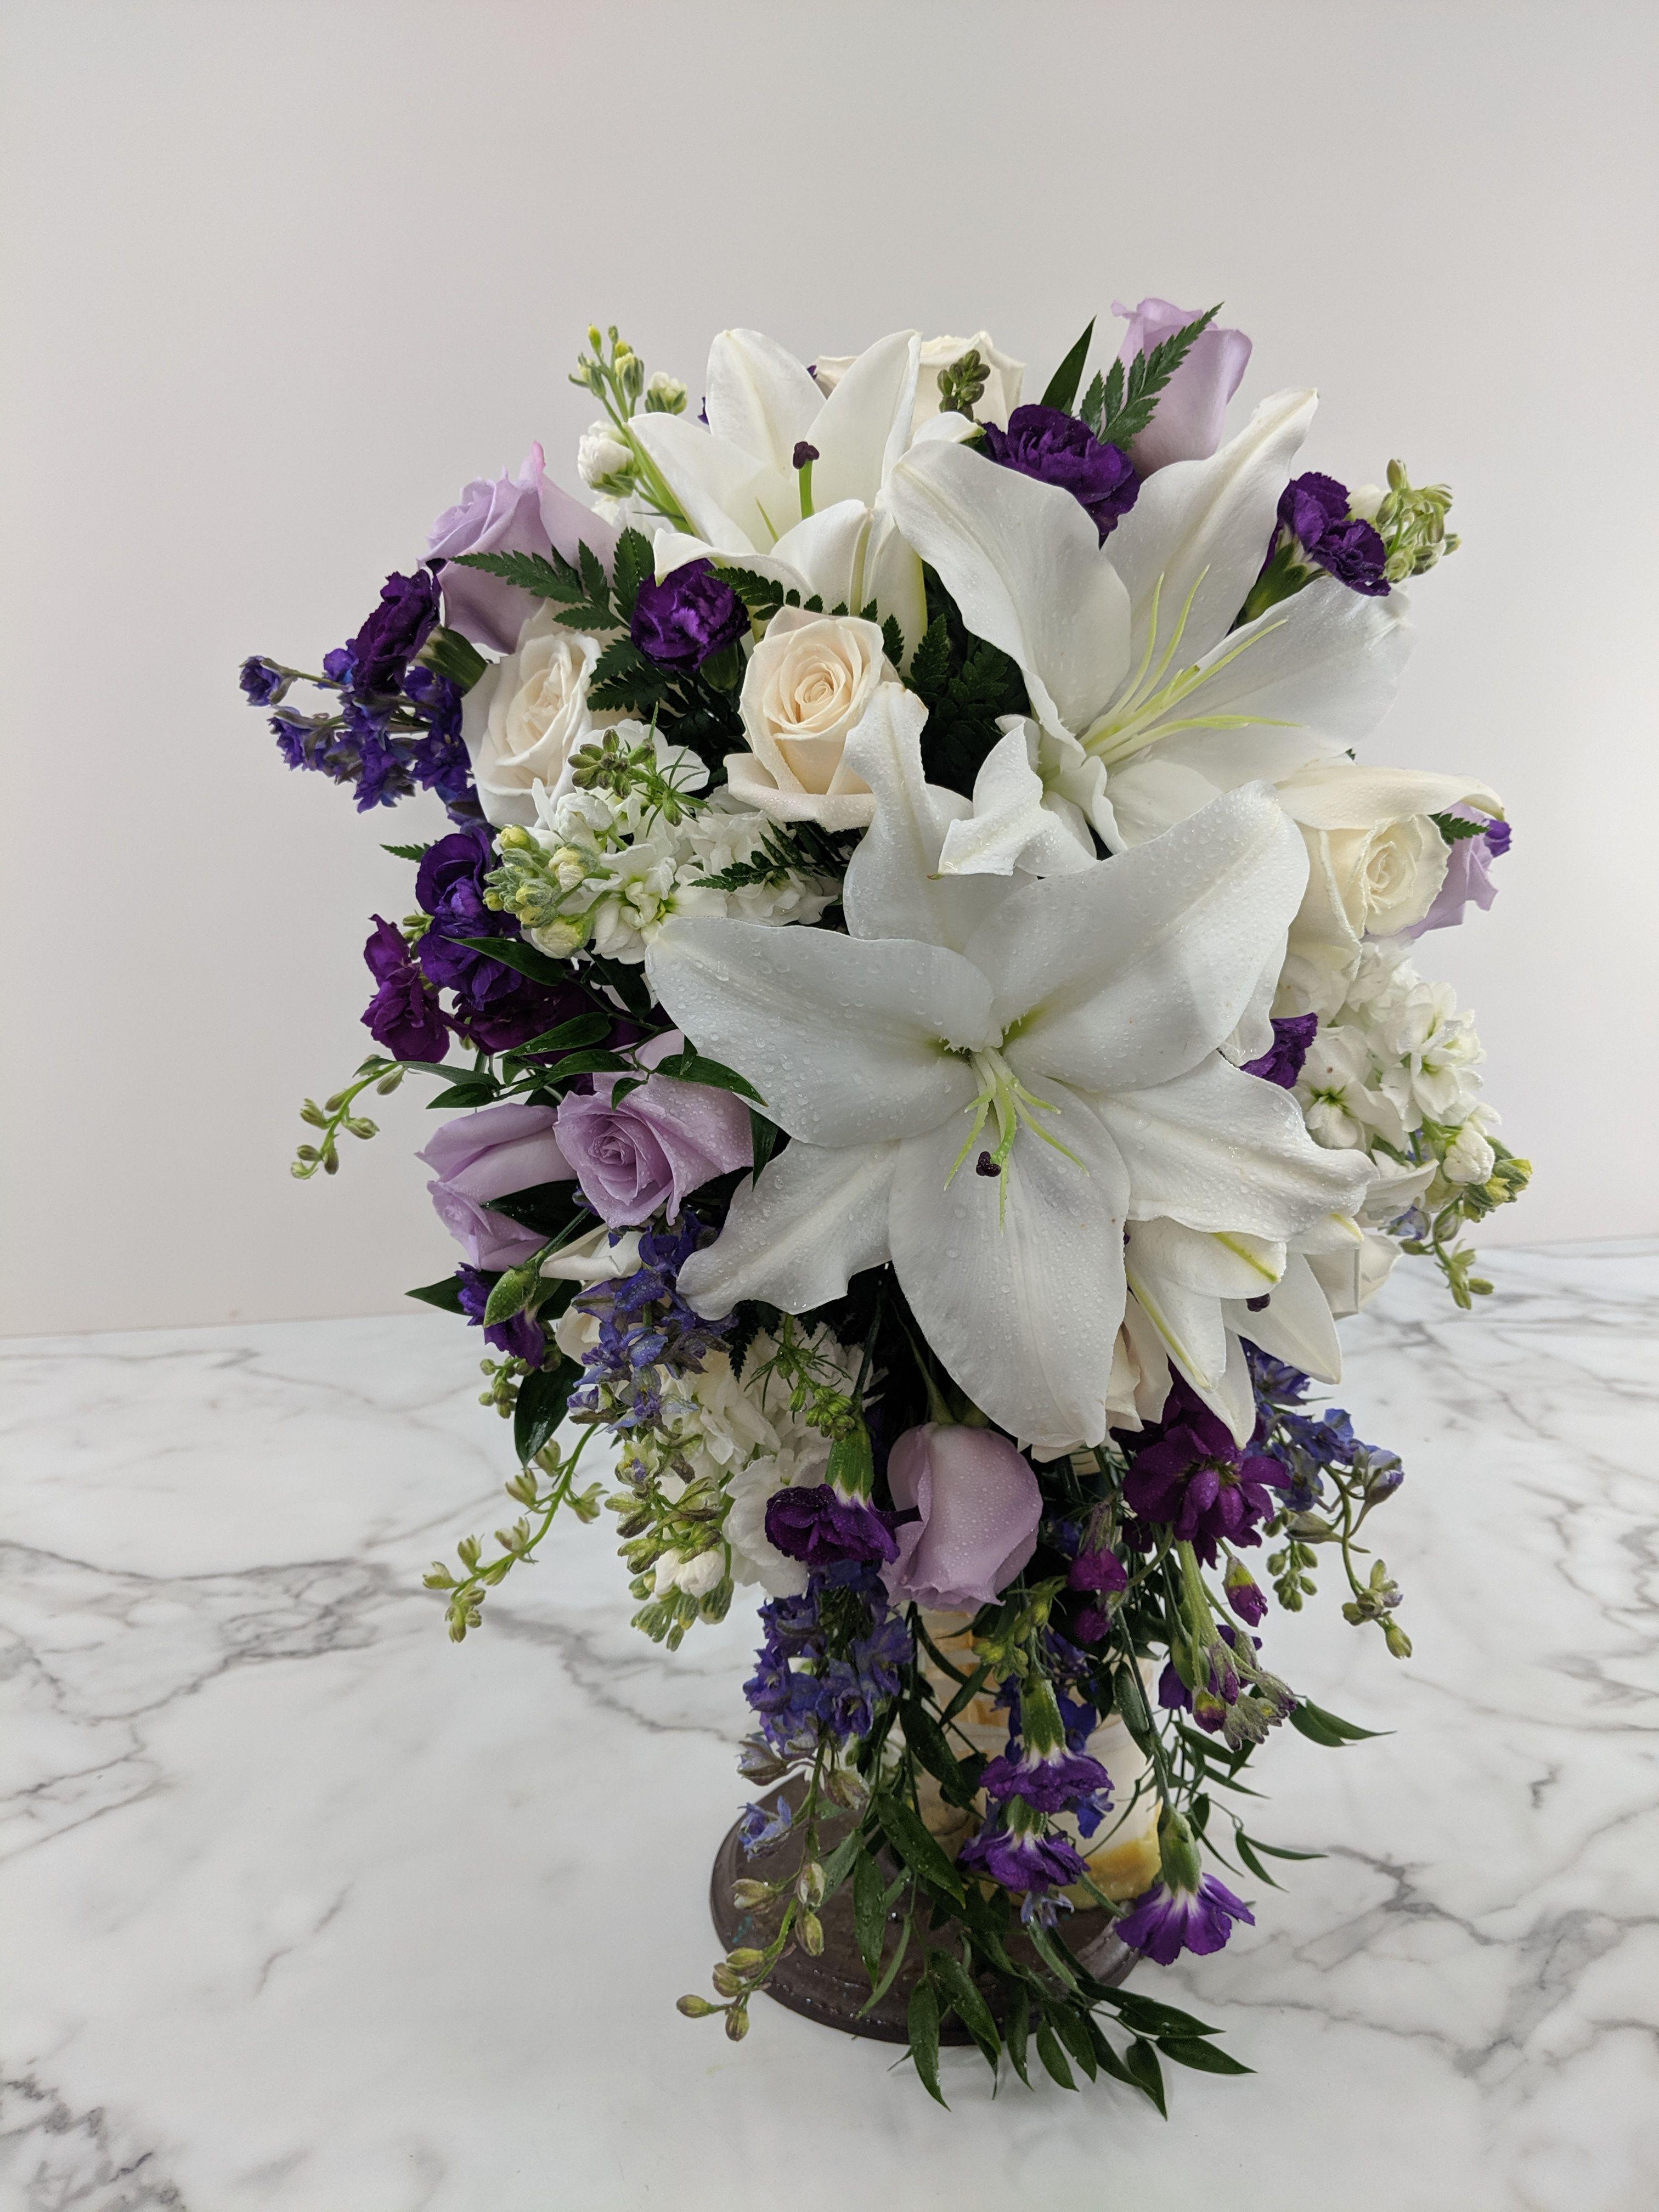 flower delivery cincinnati kenwood